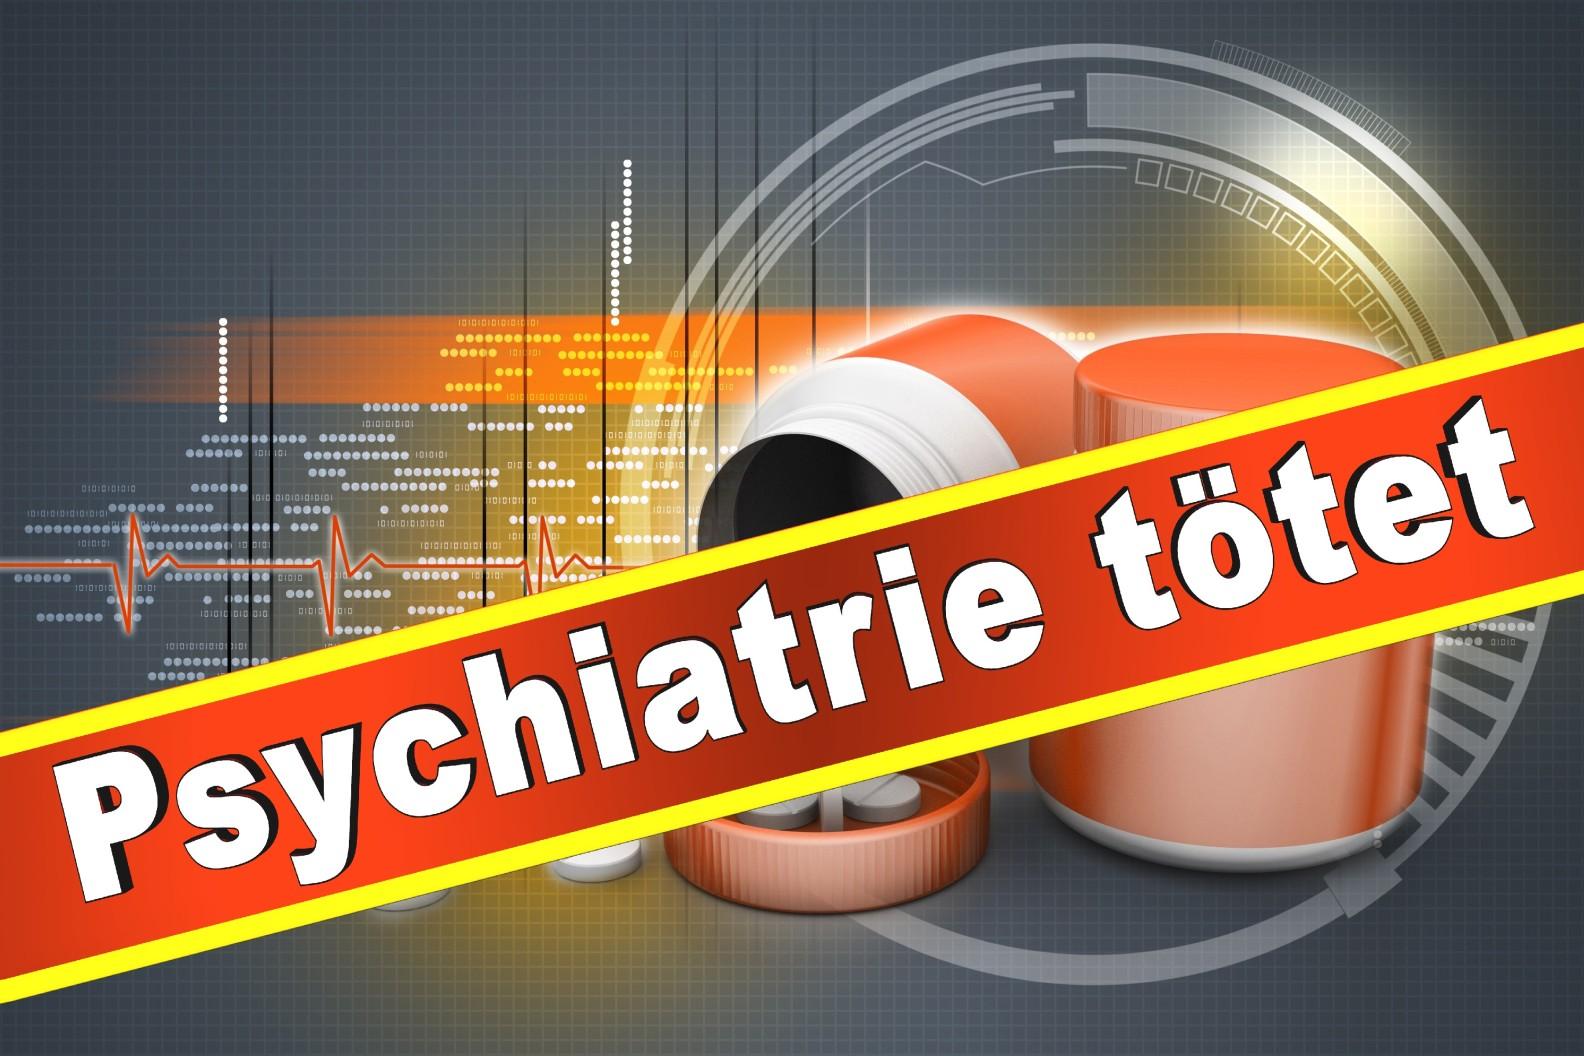 Via Nobis Die Fachklinik Tagesklinik Für Gerontopsychiatrie Erkelenz Goswinstraße Erkelenz